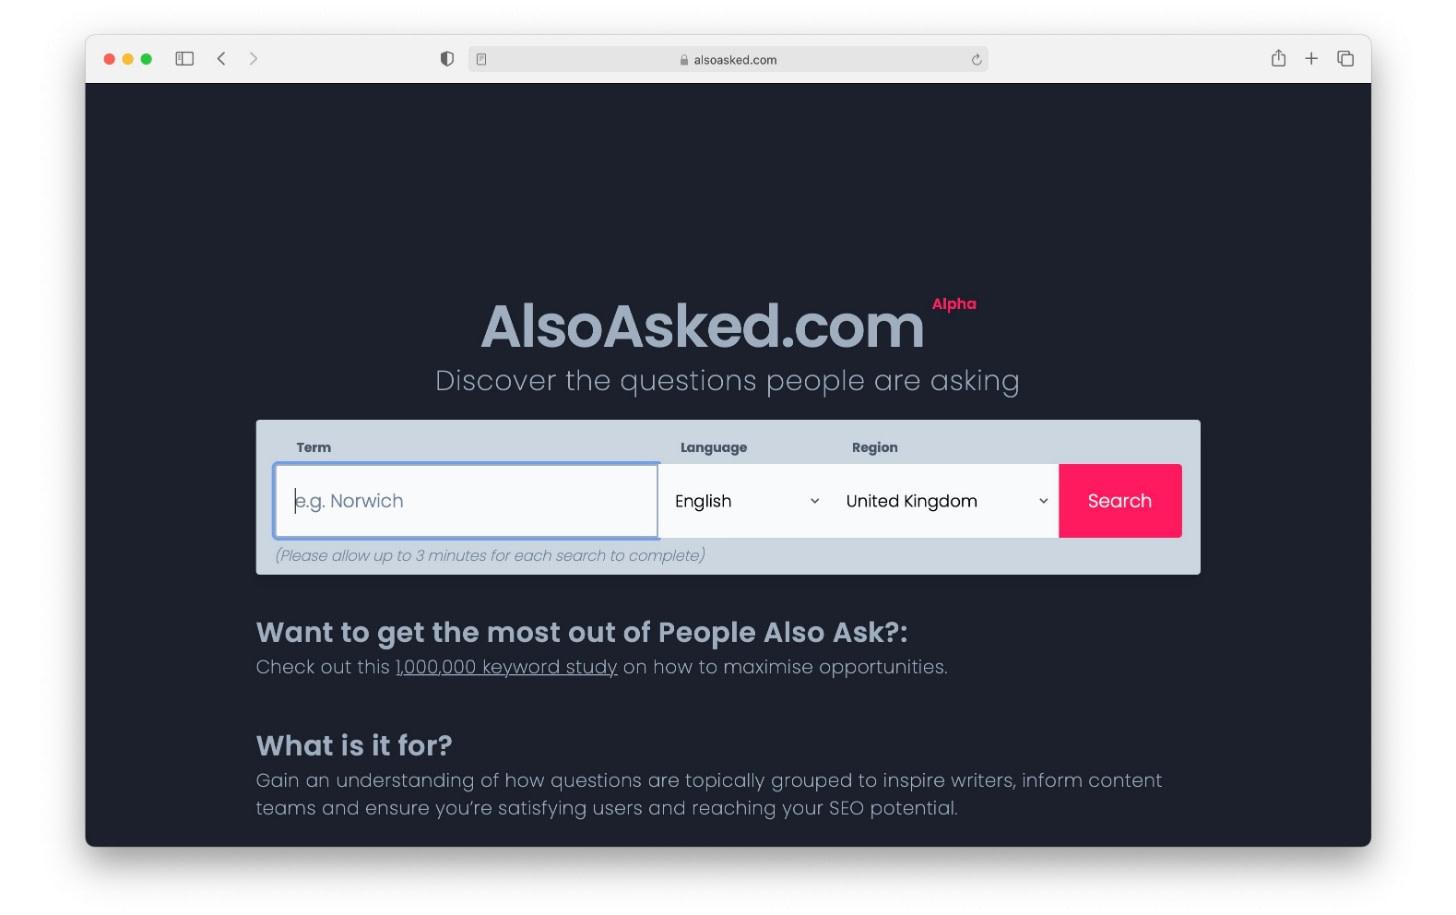 AlsoAsked.com